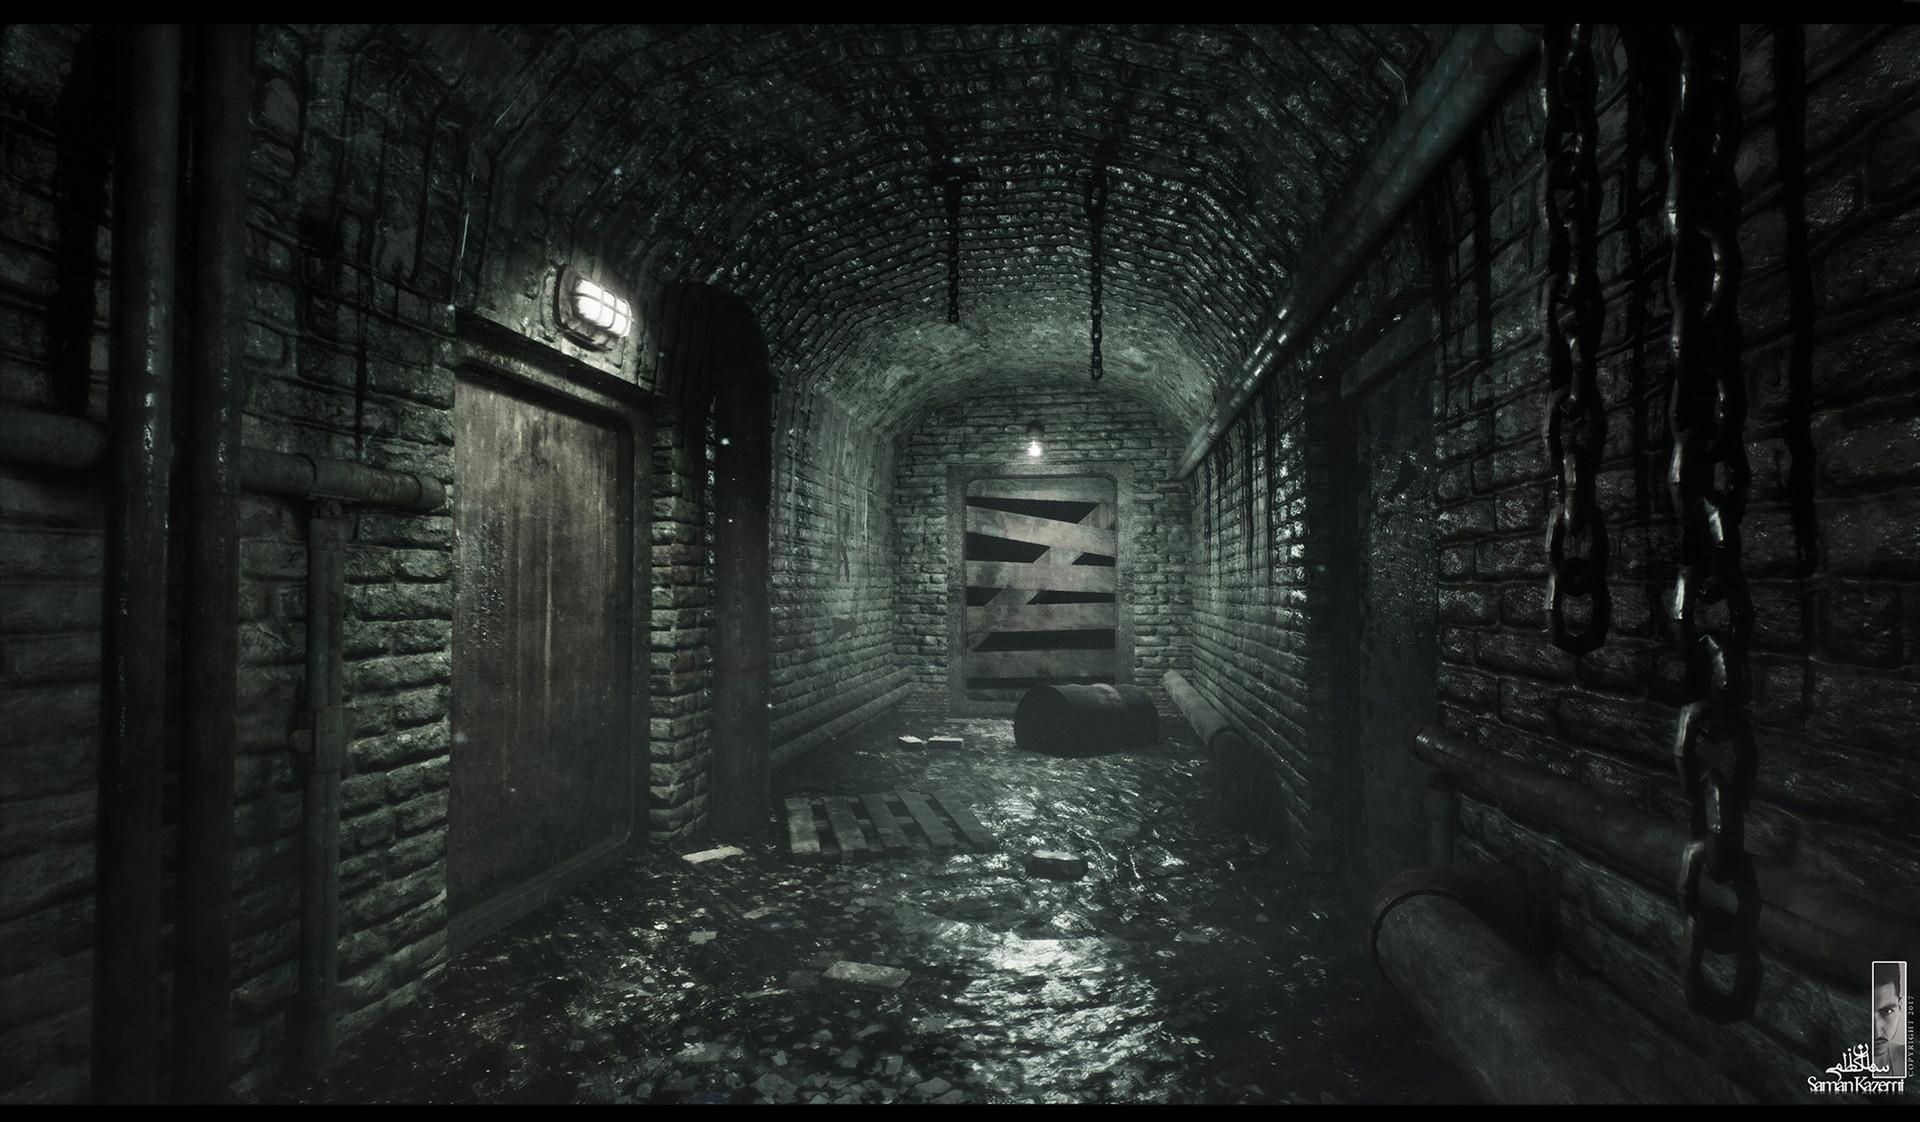 Saman kazemi dark sewage c